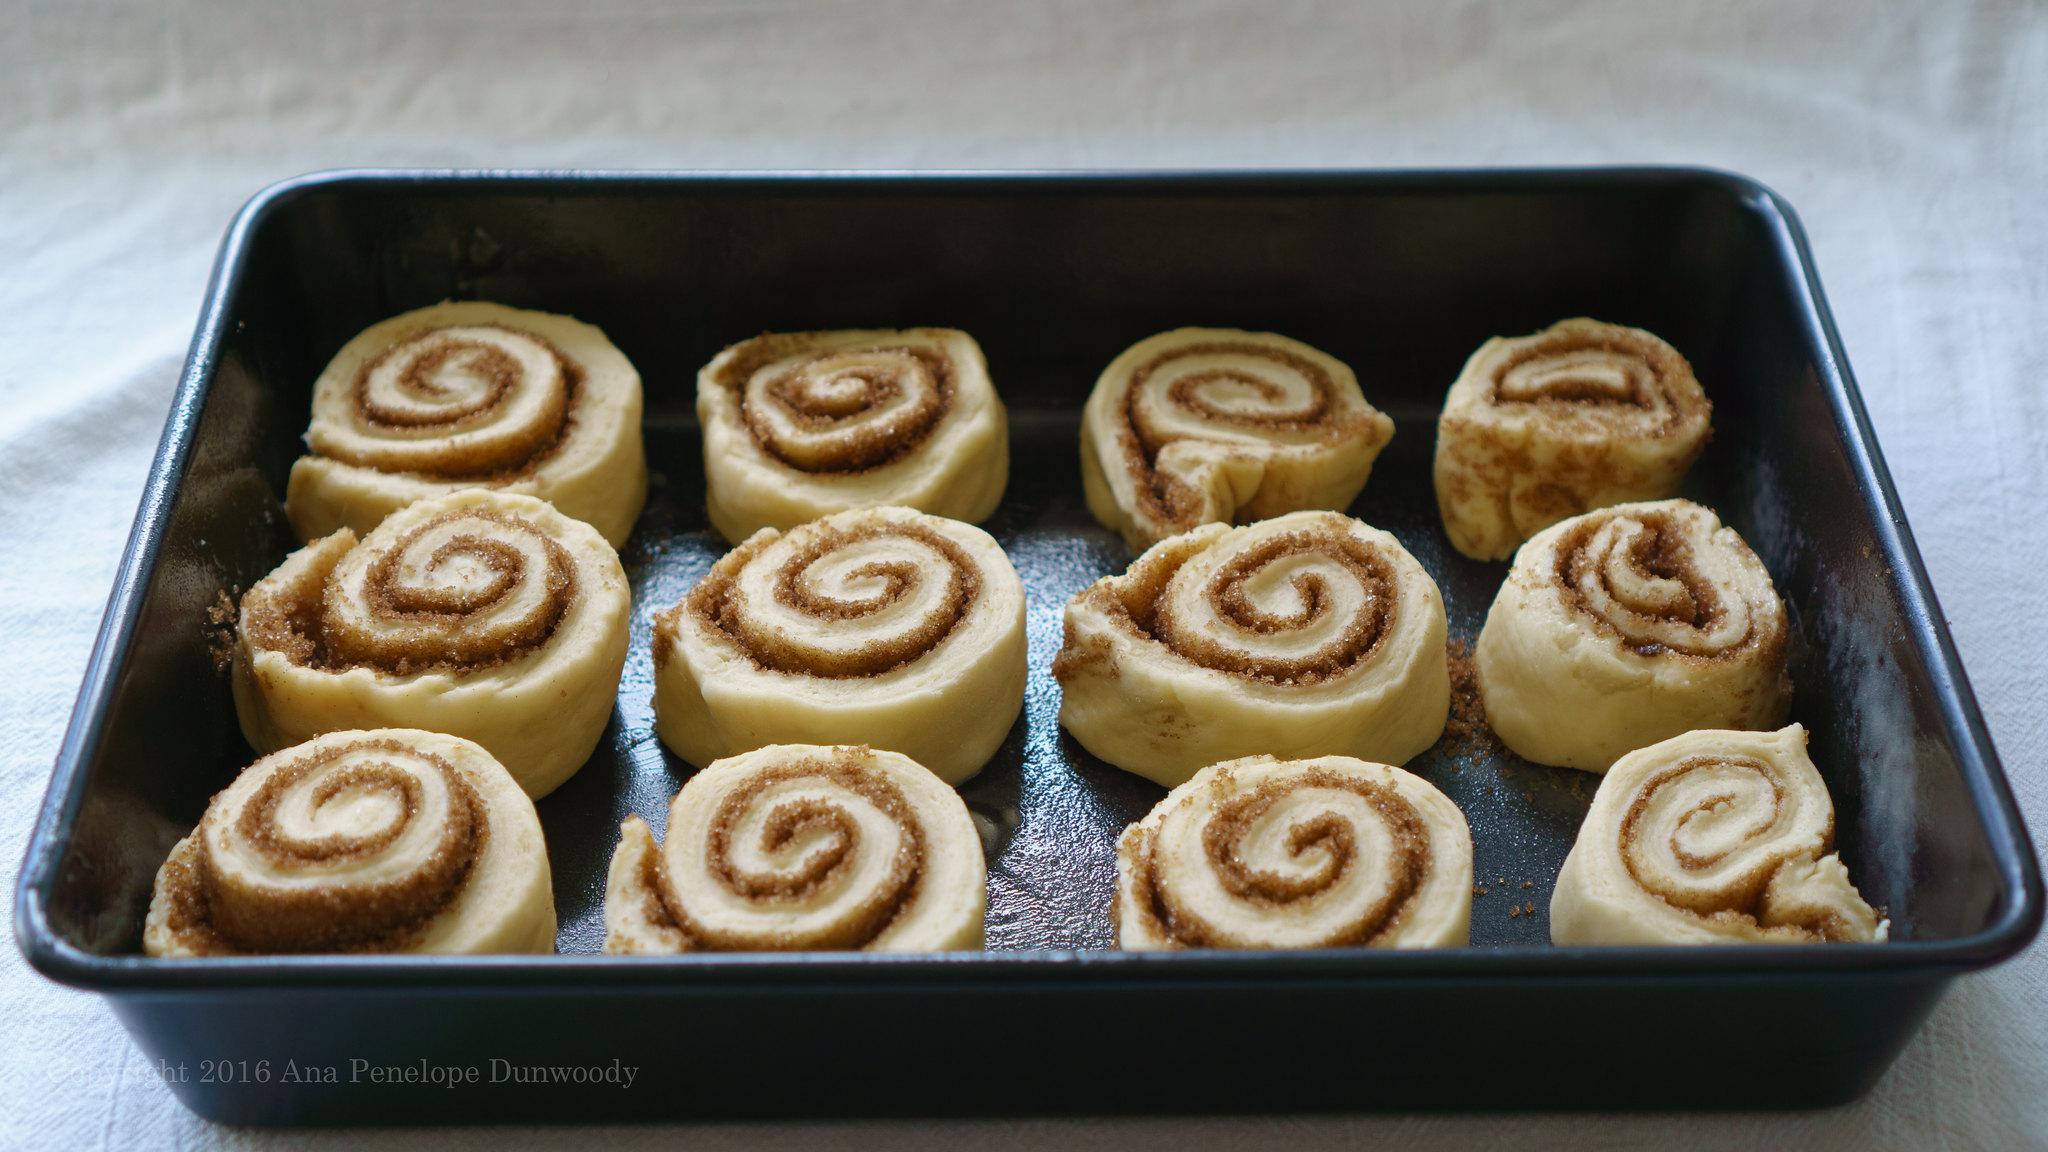 Preproofed Cinnamon Rolls